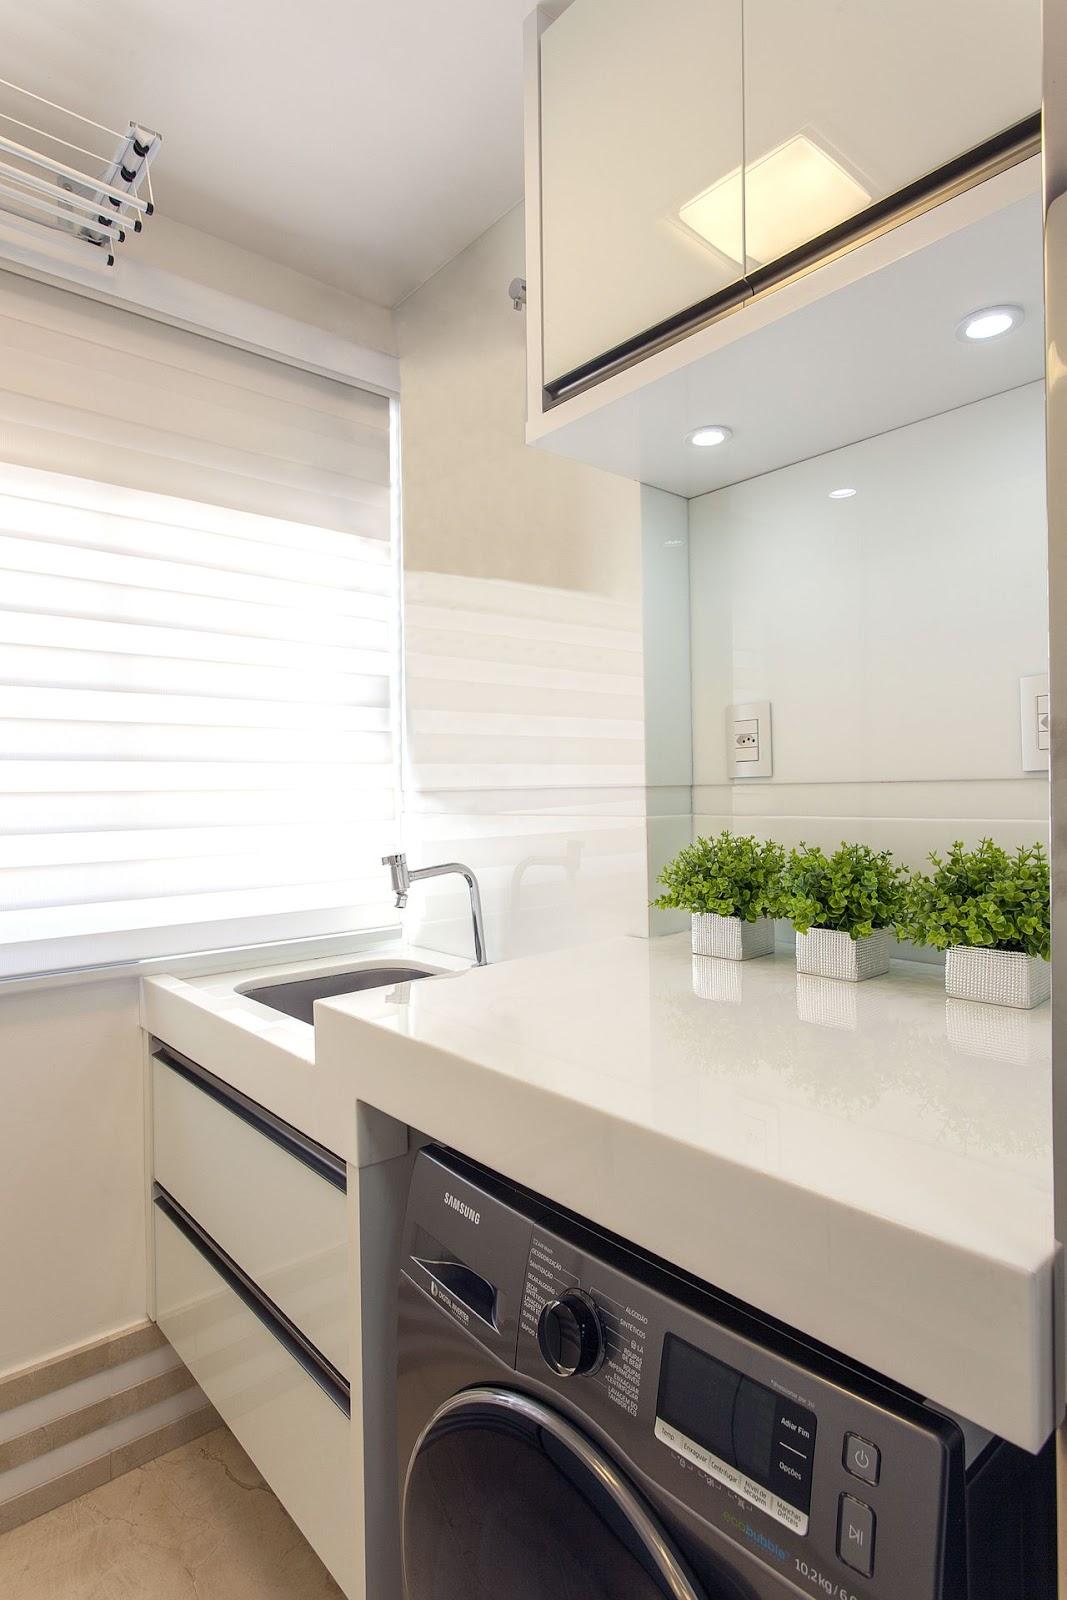 Imagem de uma opção de área de serviços pequena, contendo um tanque, uma máquina de lavar e um armário.